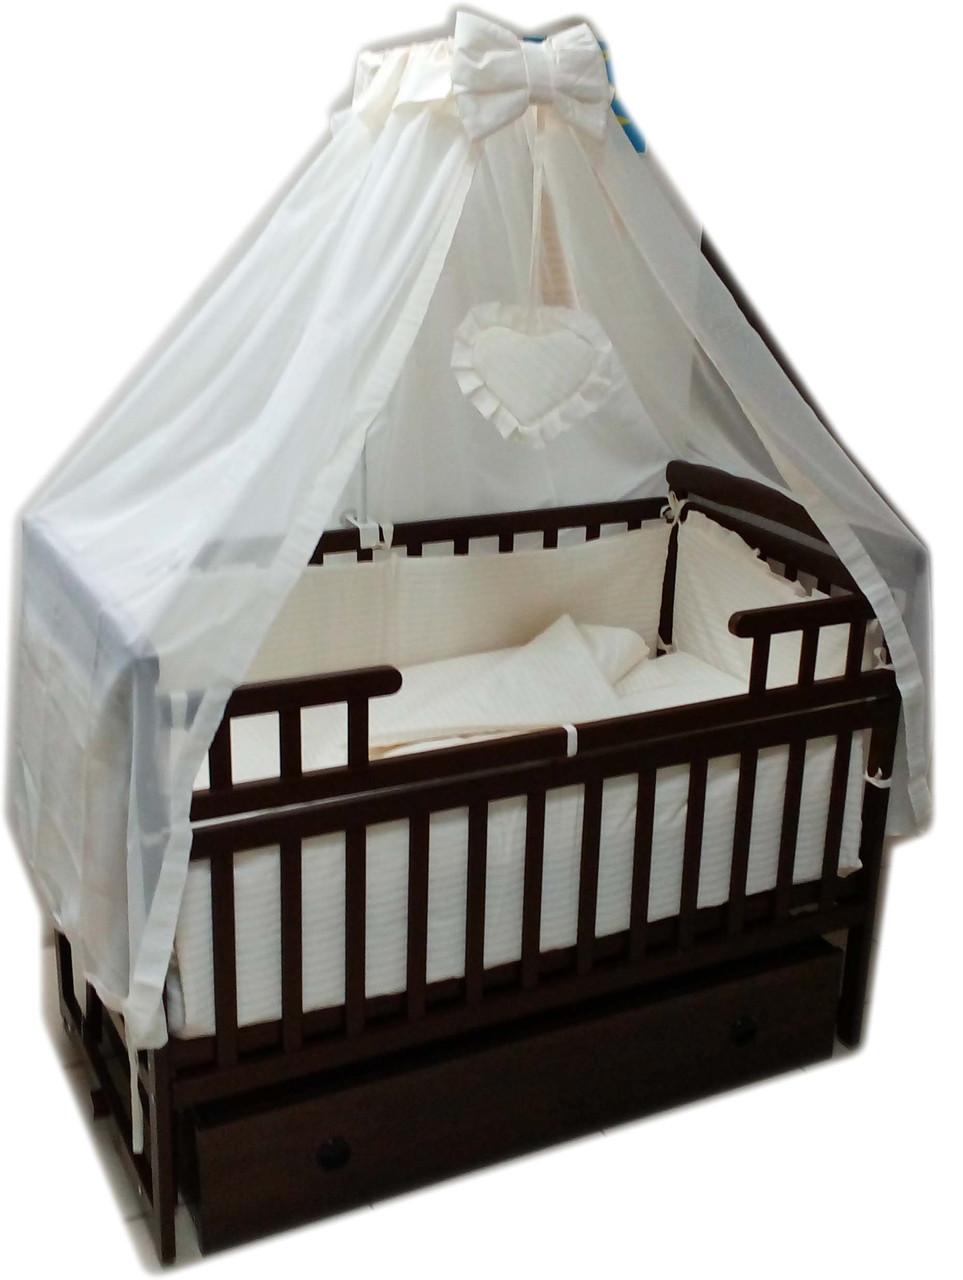 """Акция! Комплект для сна """"Элит"""". Кроватка маятник + ящик + матрас Люкс + постельный набор 8 эл. + держатель"""